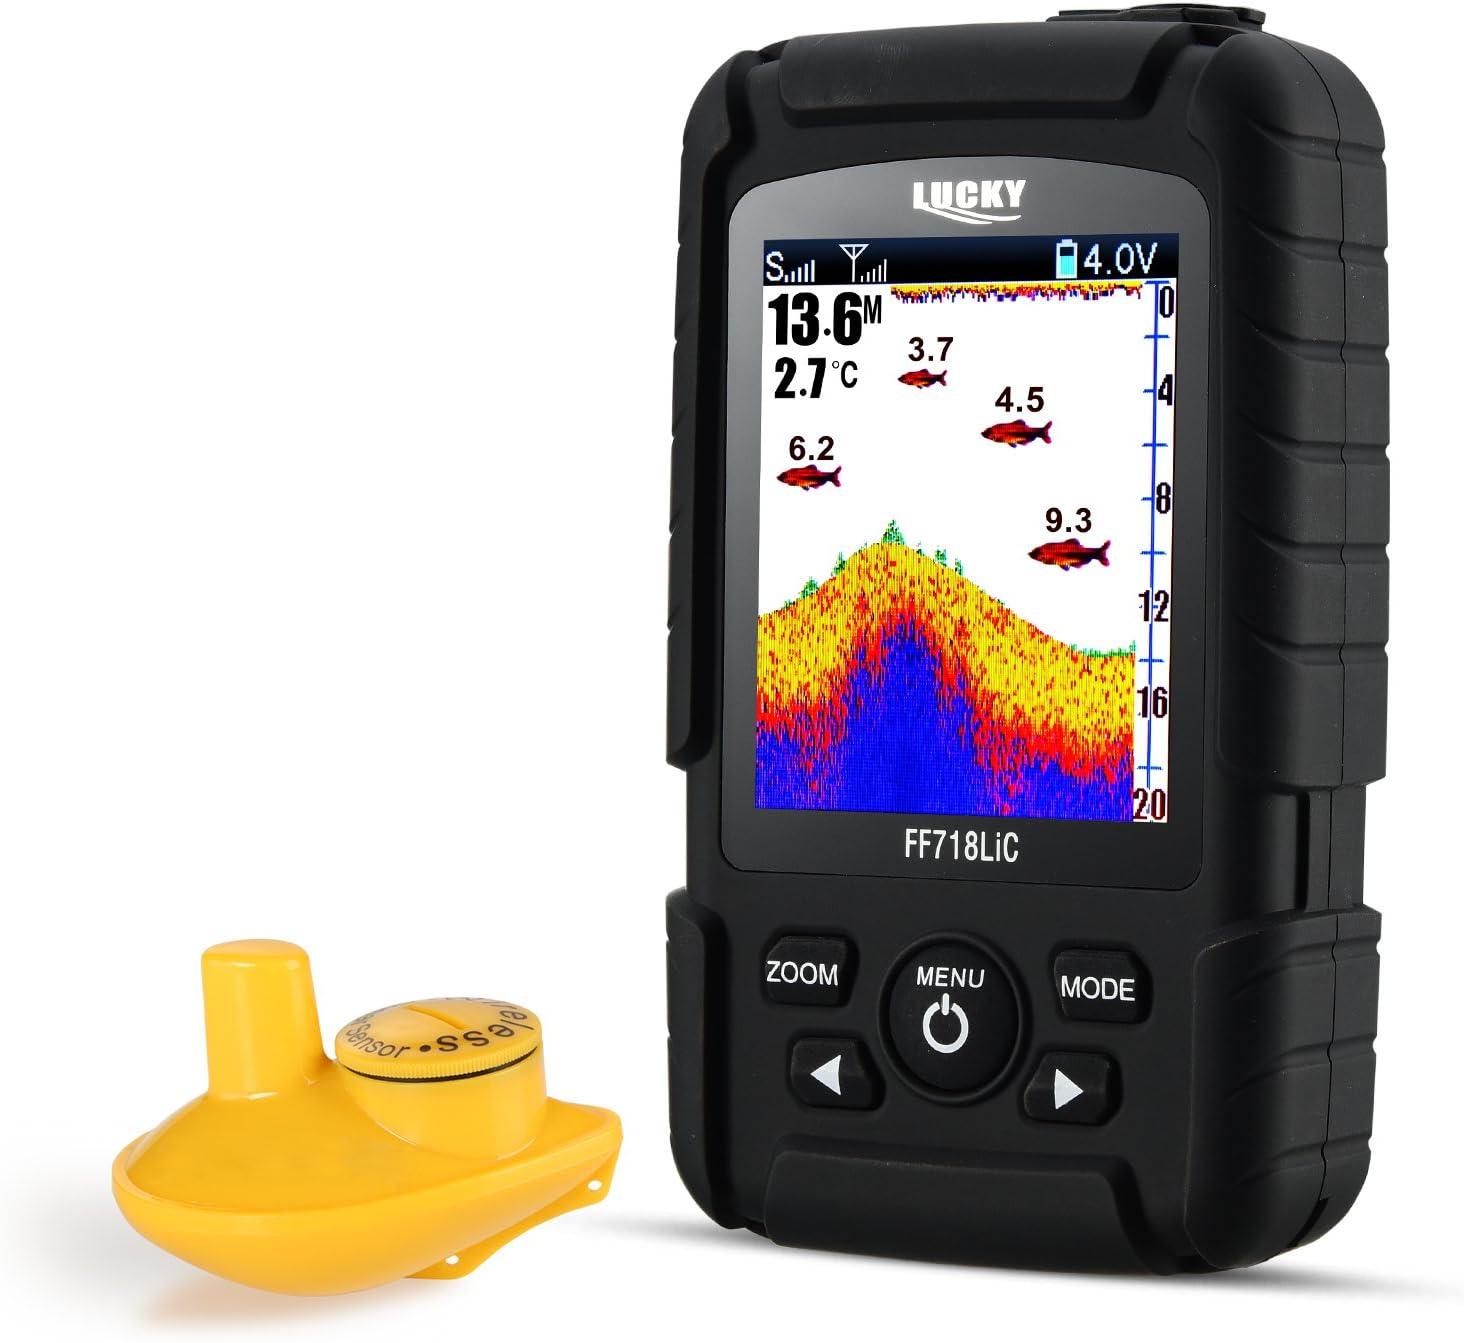 LUCKY Buscador de Peces Detector de Peces portátil inalámbrico hasta 45 m/147feet Sonar Fishfinder Ocean River Lake Color